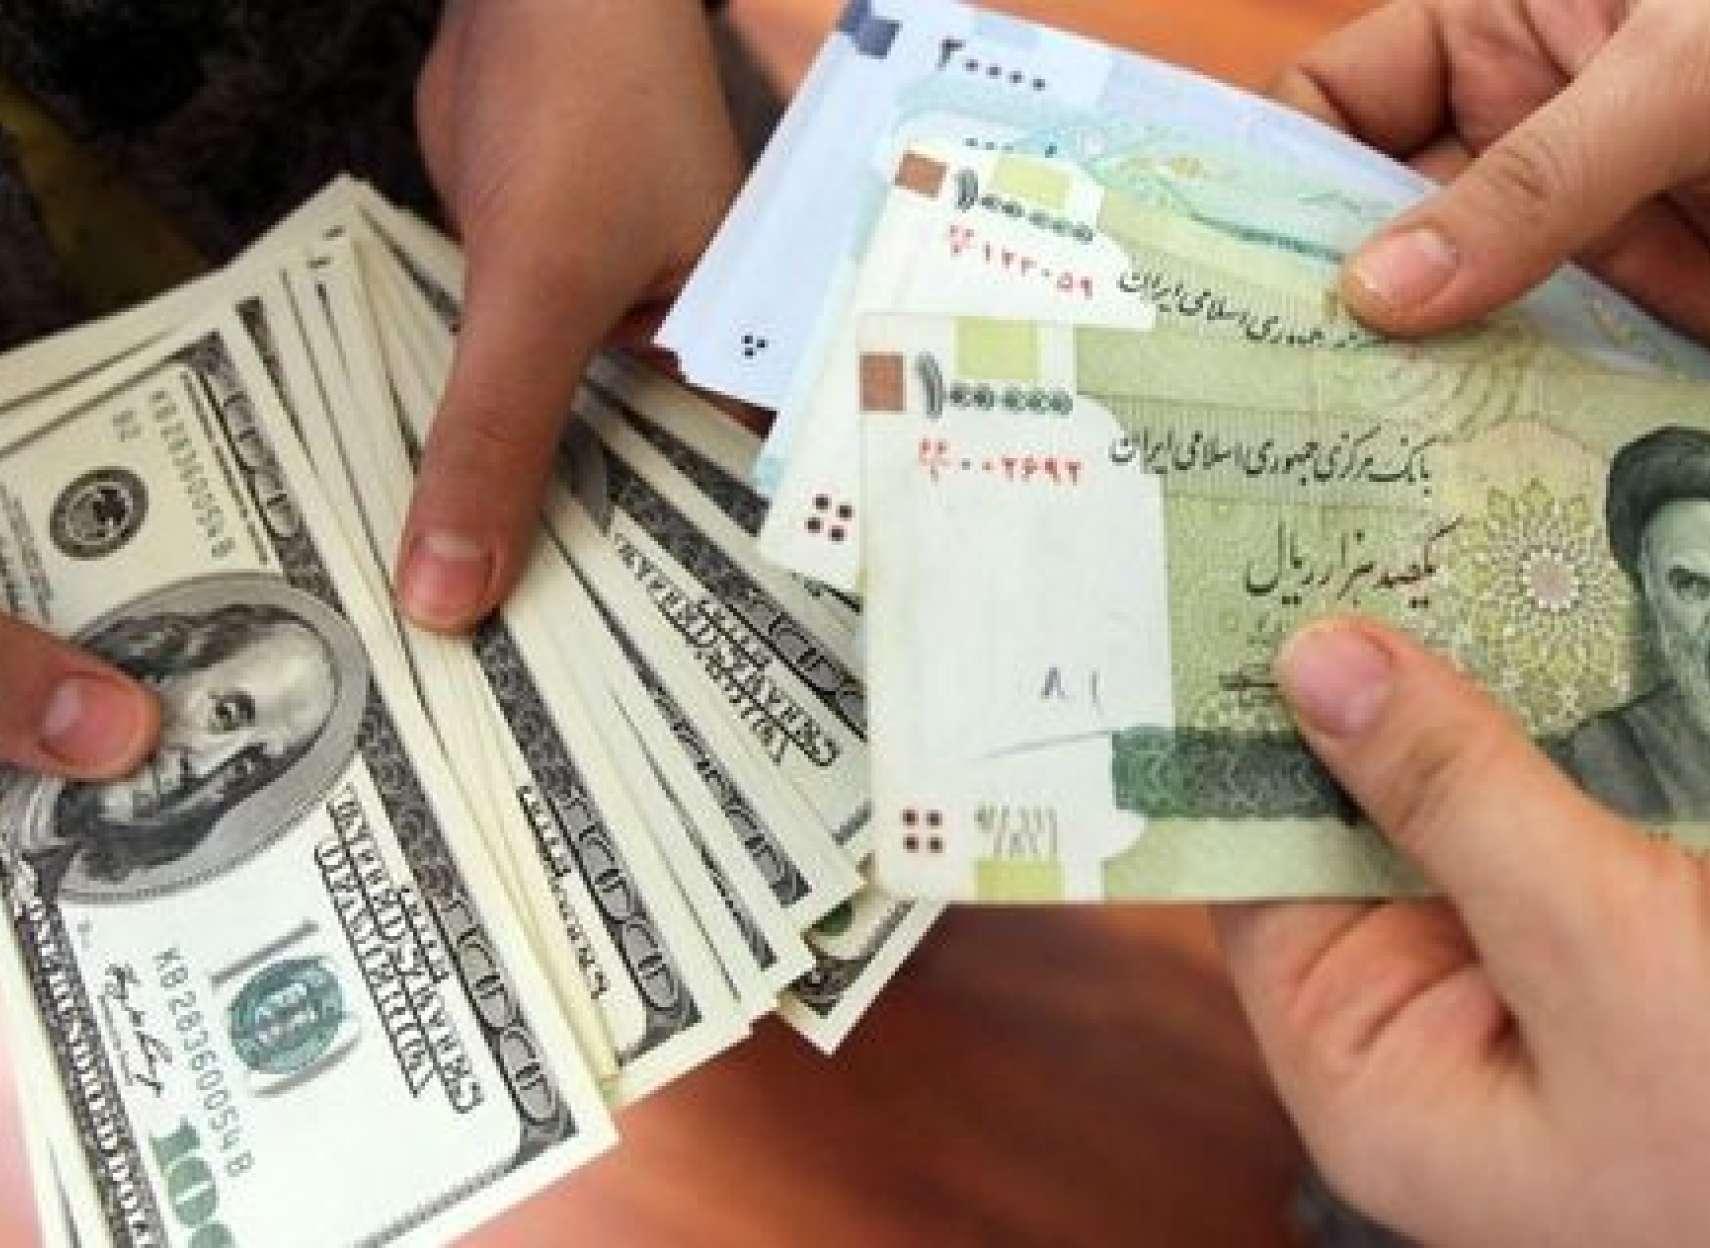 ارز- 4200-تومانی-جمهوری-اسلامی-بلا-برای-مردم-ایران-و-خانه-برای-عدهای-خاص-در-کانادا